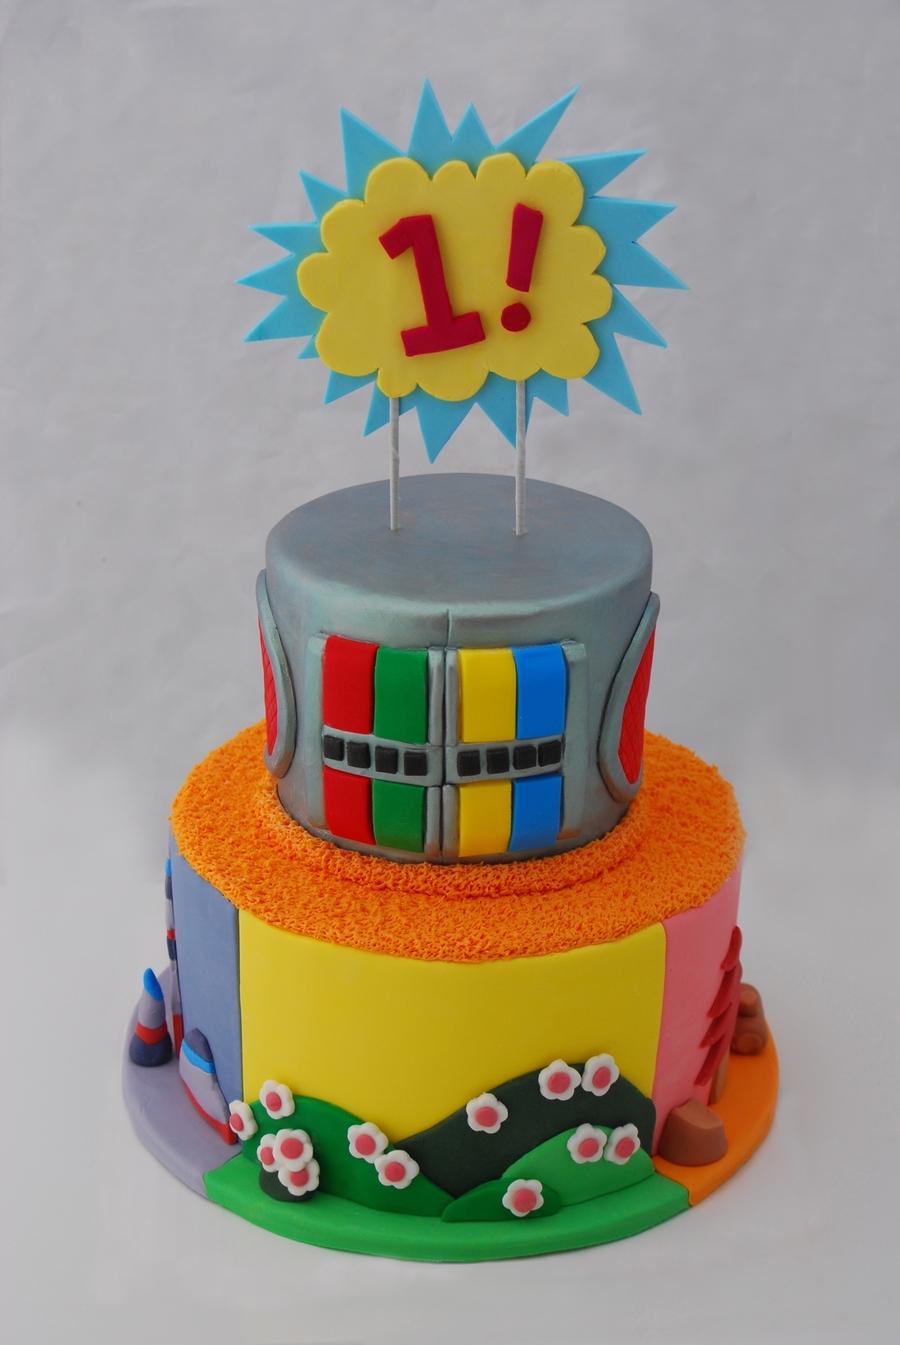 Yo gabba cake photo sharing